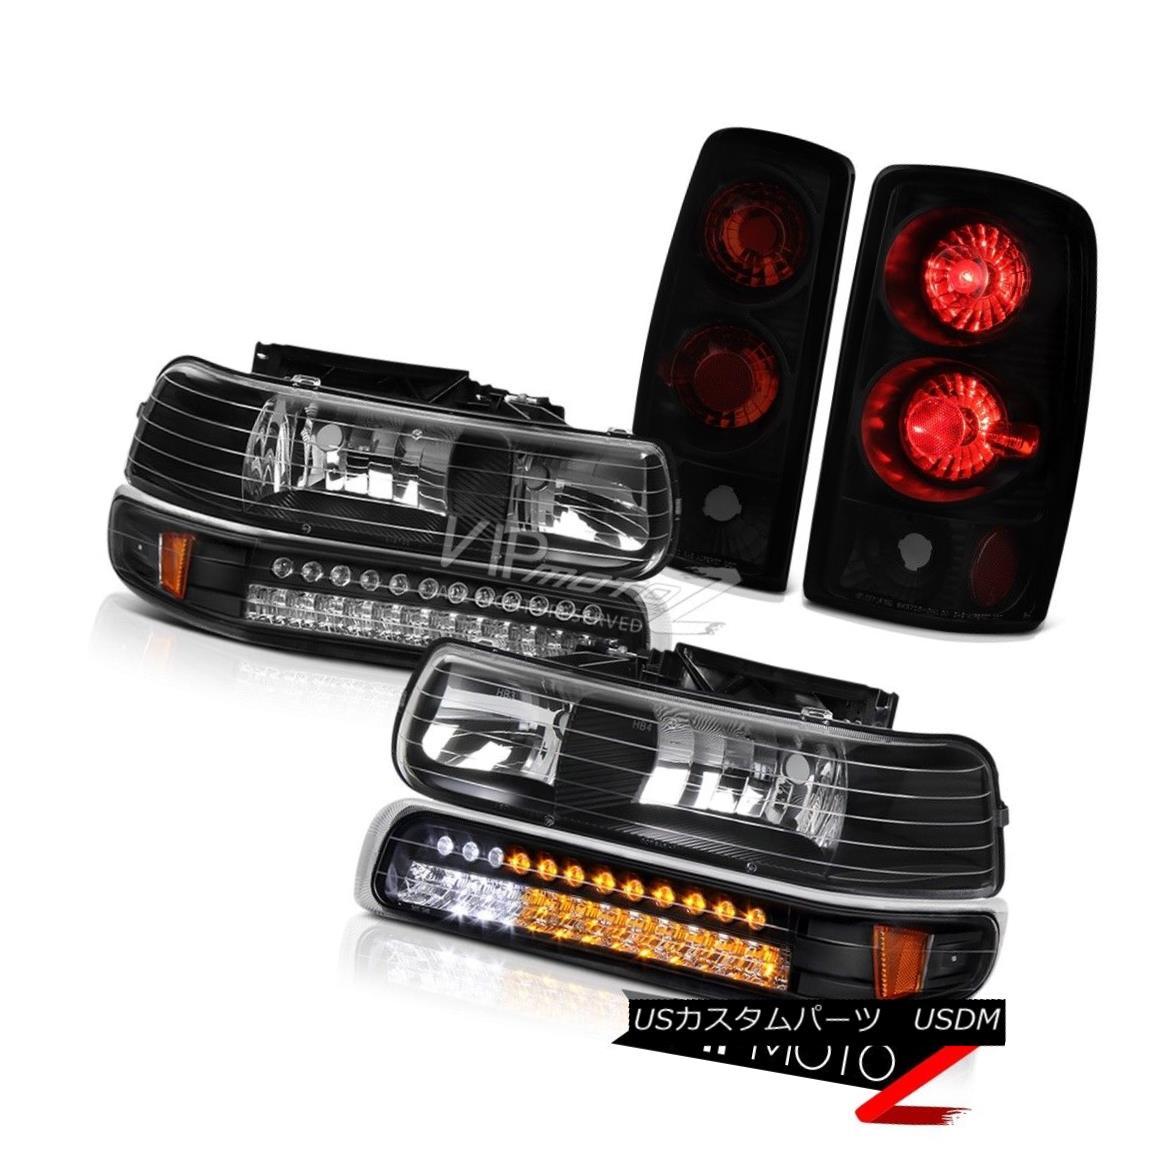 テールライト 00 01 02 03 04 05 06 Tahoe LT Black DRL Bumper+Headlamps Rear Signal Tail Lamps 00 01 02 03 04 05 06タホLTブラックDRLバンパー+ヘッドラム psリアシグナルテールランプ